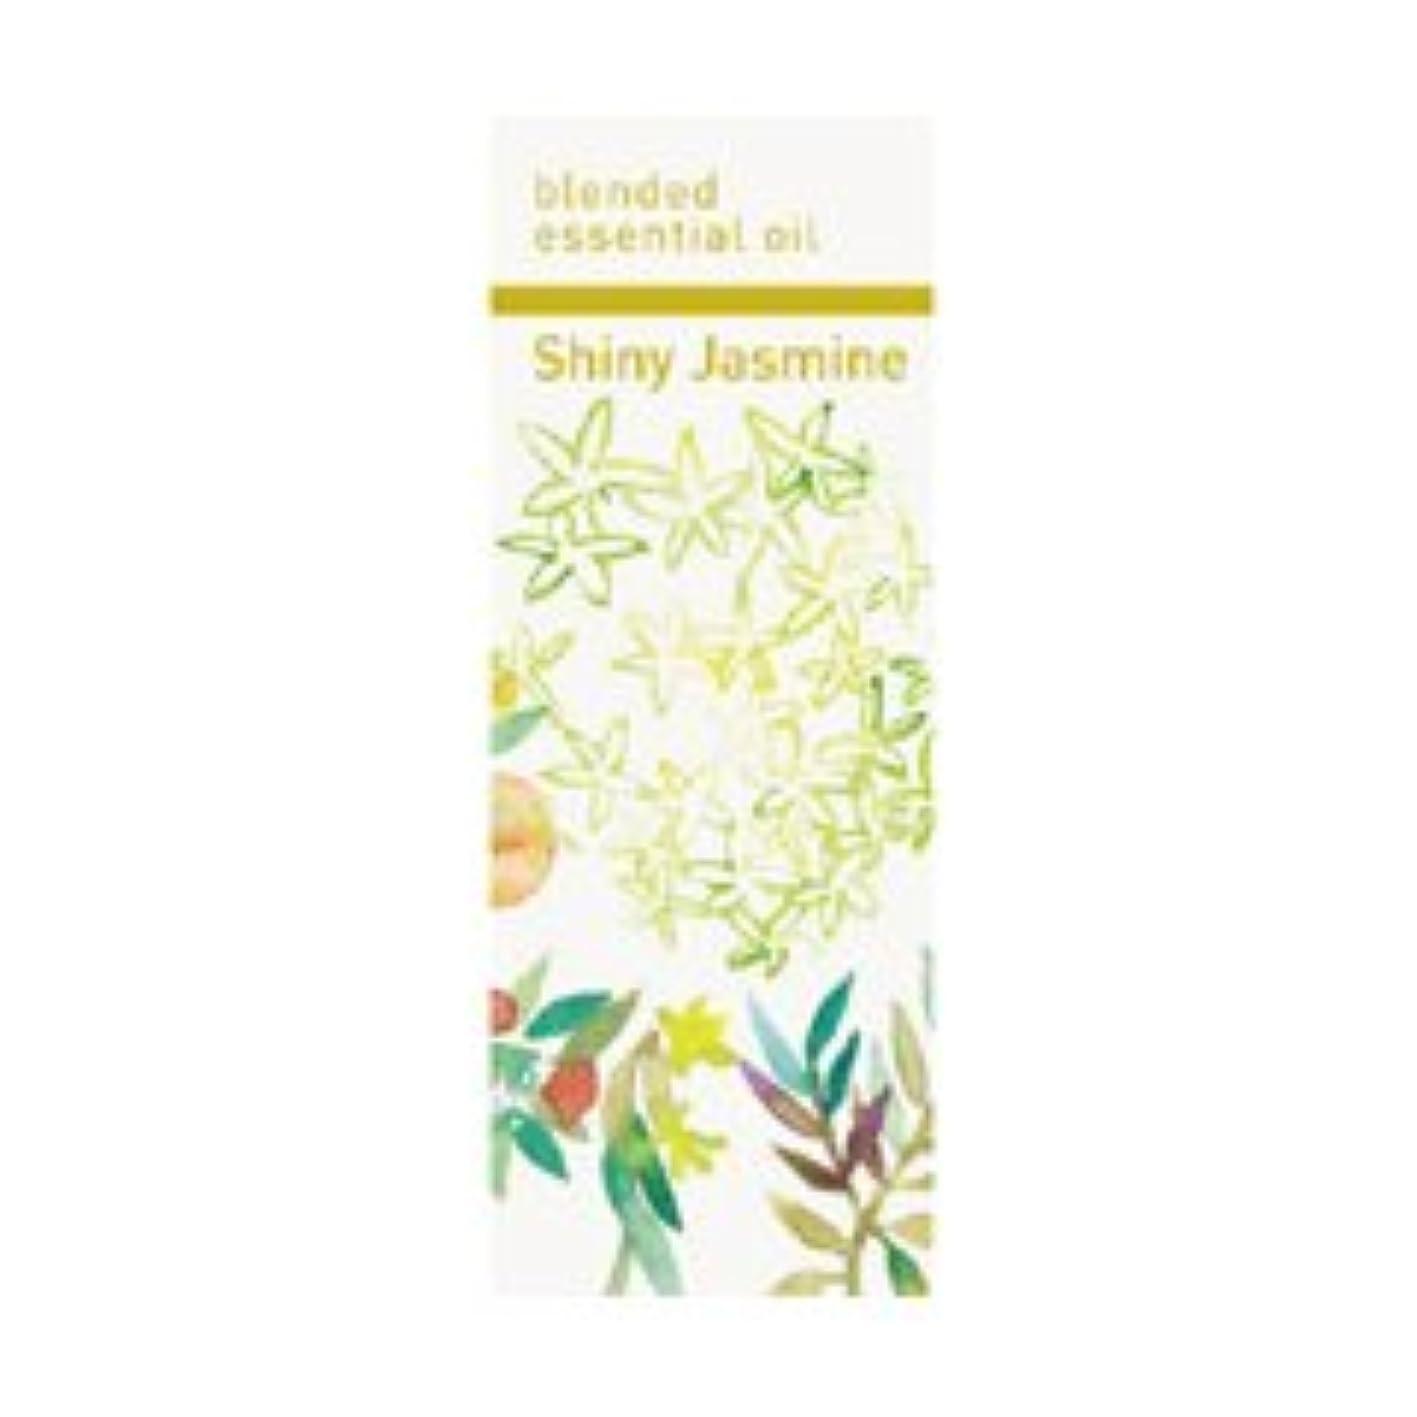 バージンところで可決生活の木 ブレンドエッセンシャルオイル シャイニージャスミン [30ml] エッセンシャルオイル/精油